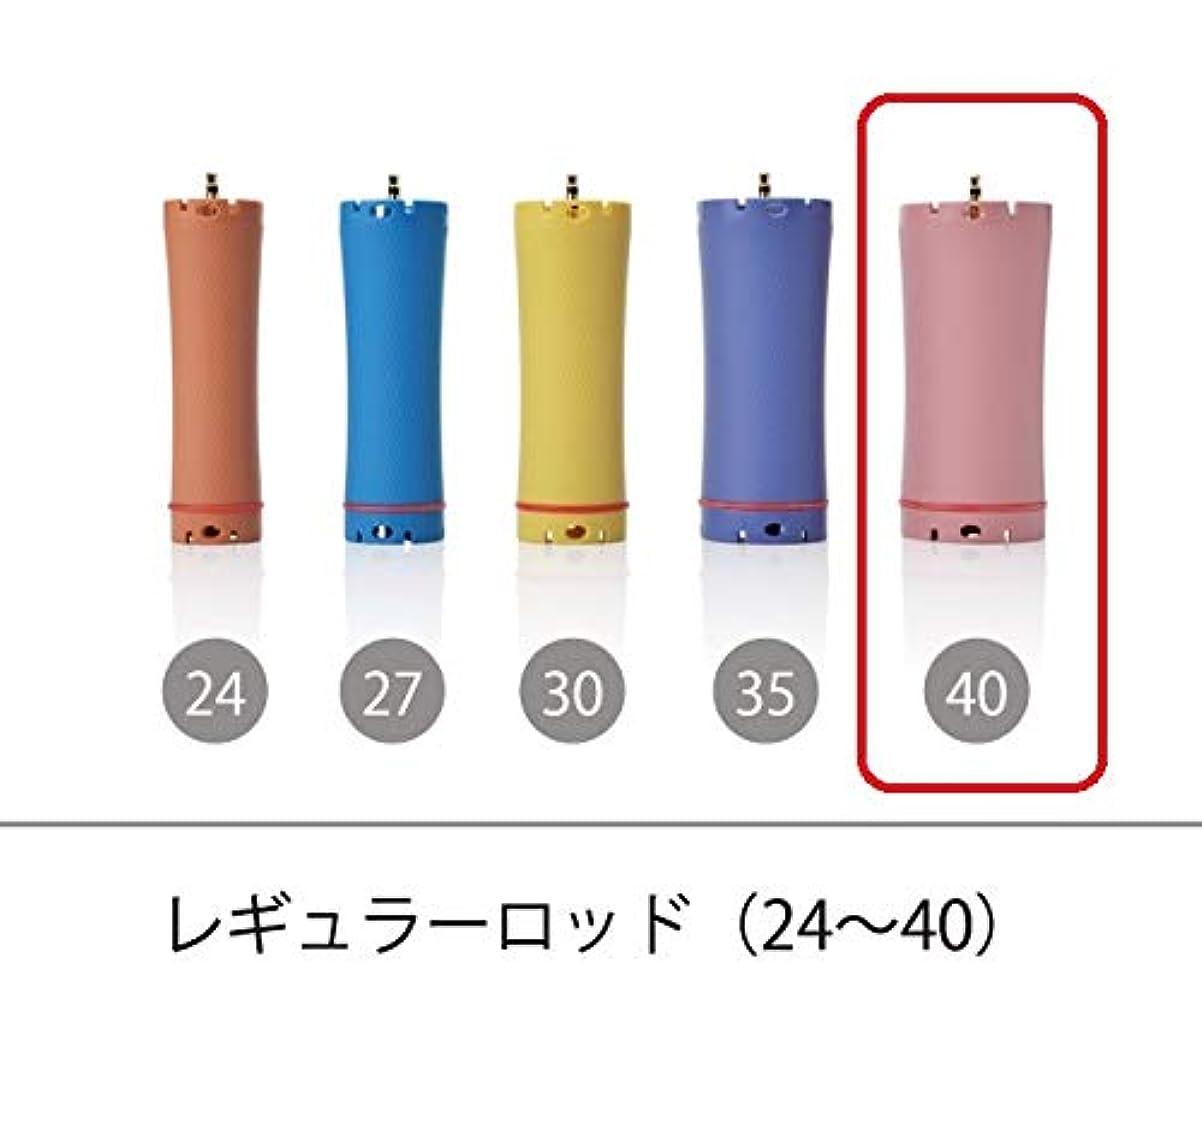 ご注意腸証明書ソキウス 専用ロッド レギュラーロッド 40mm